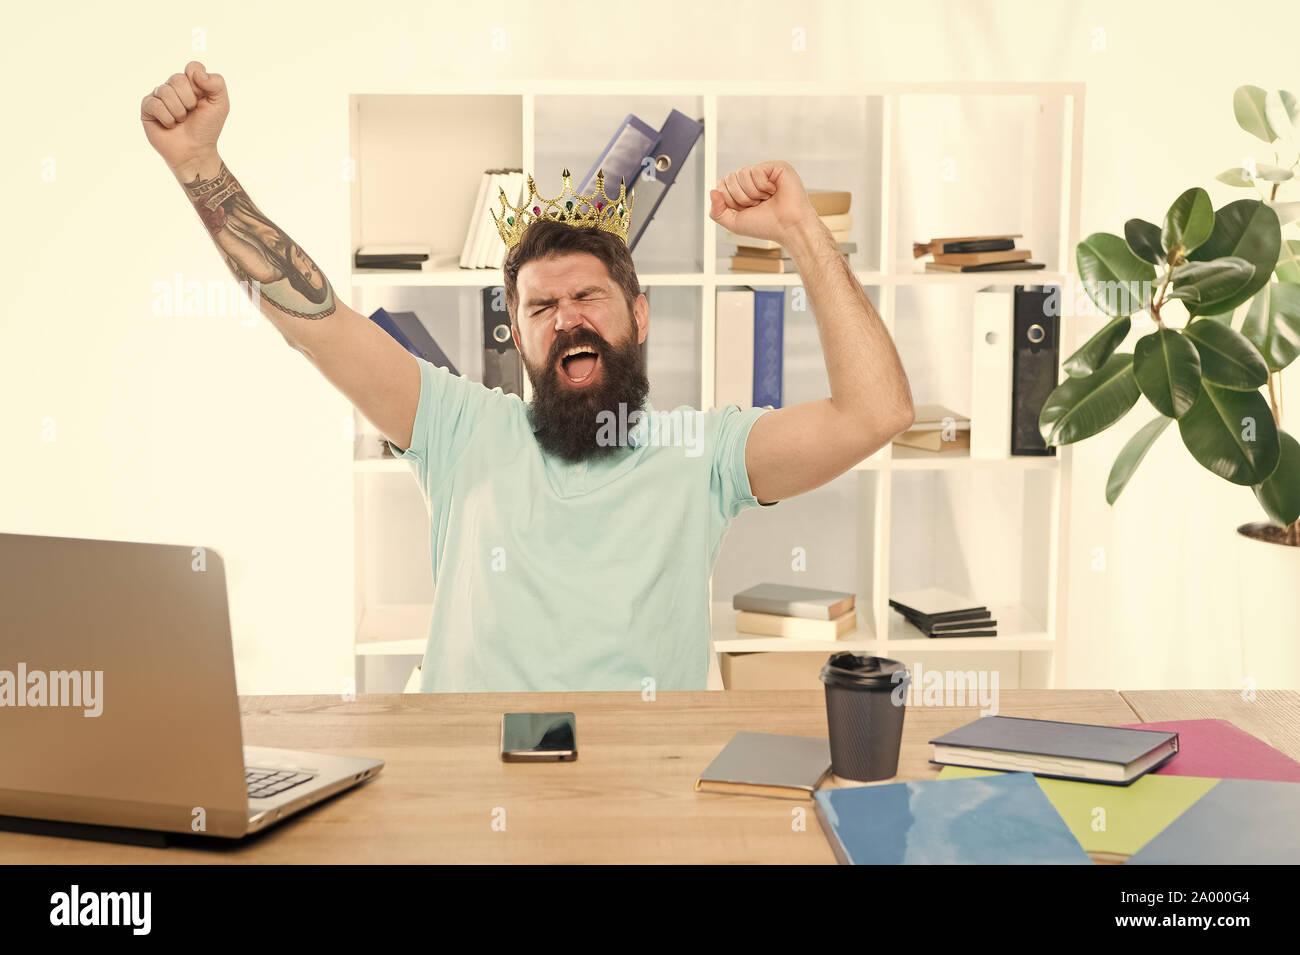 Feliz ganador engreída. confía el hombre sonriente. Emoción humana positiva. La expresión facial del hombre barbado hipster. sensación y reacción. codiciosos negocios. altruista se sacrifica. problemas sociales. Foto de stock